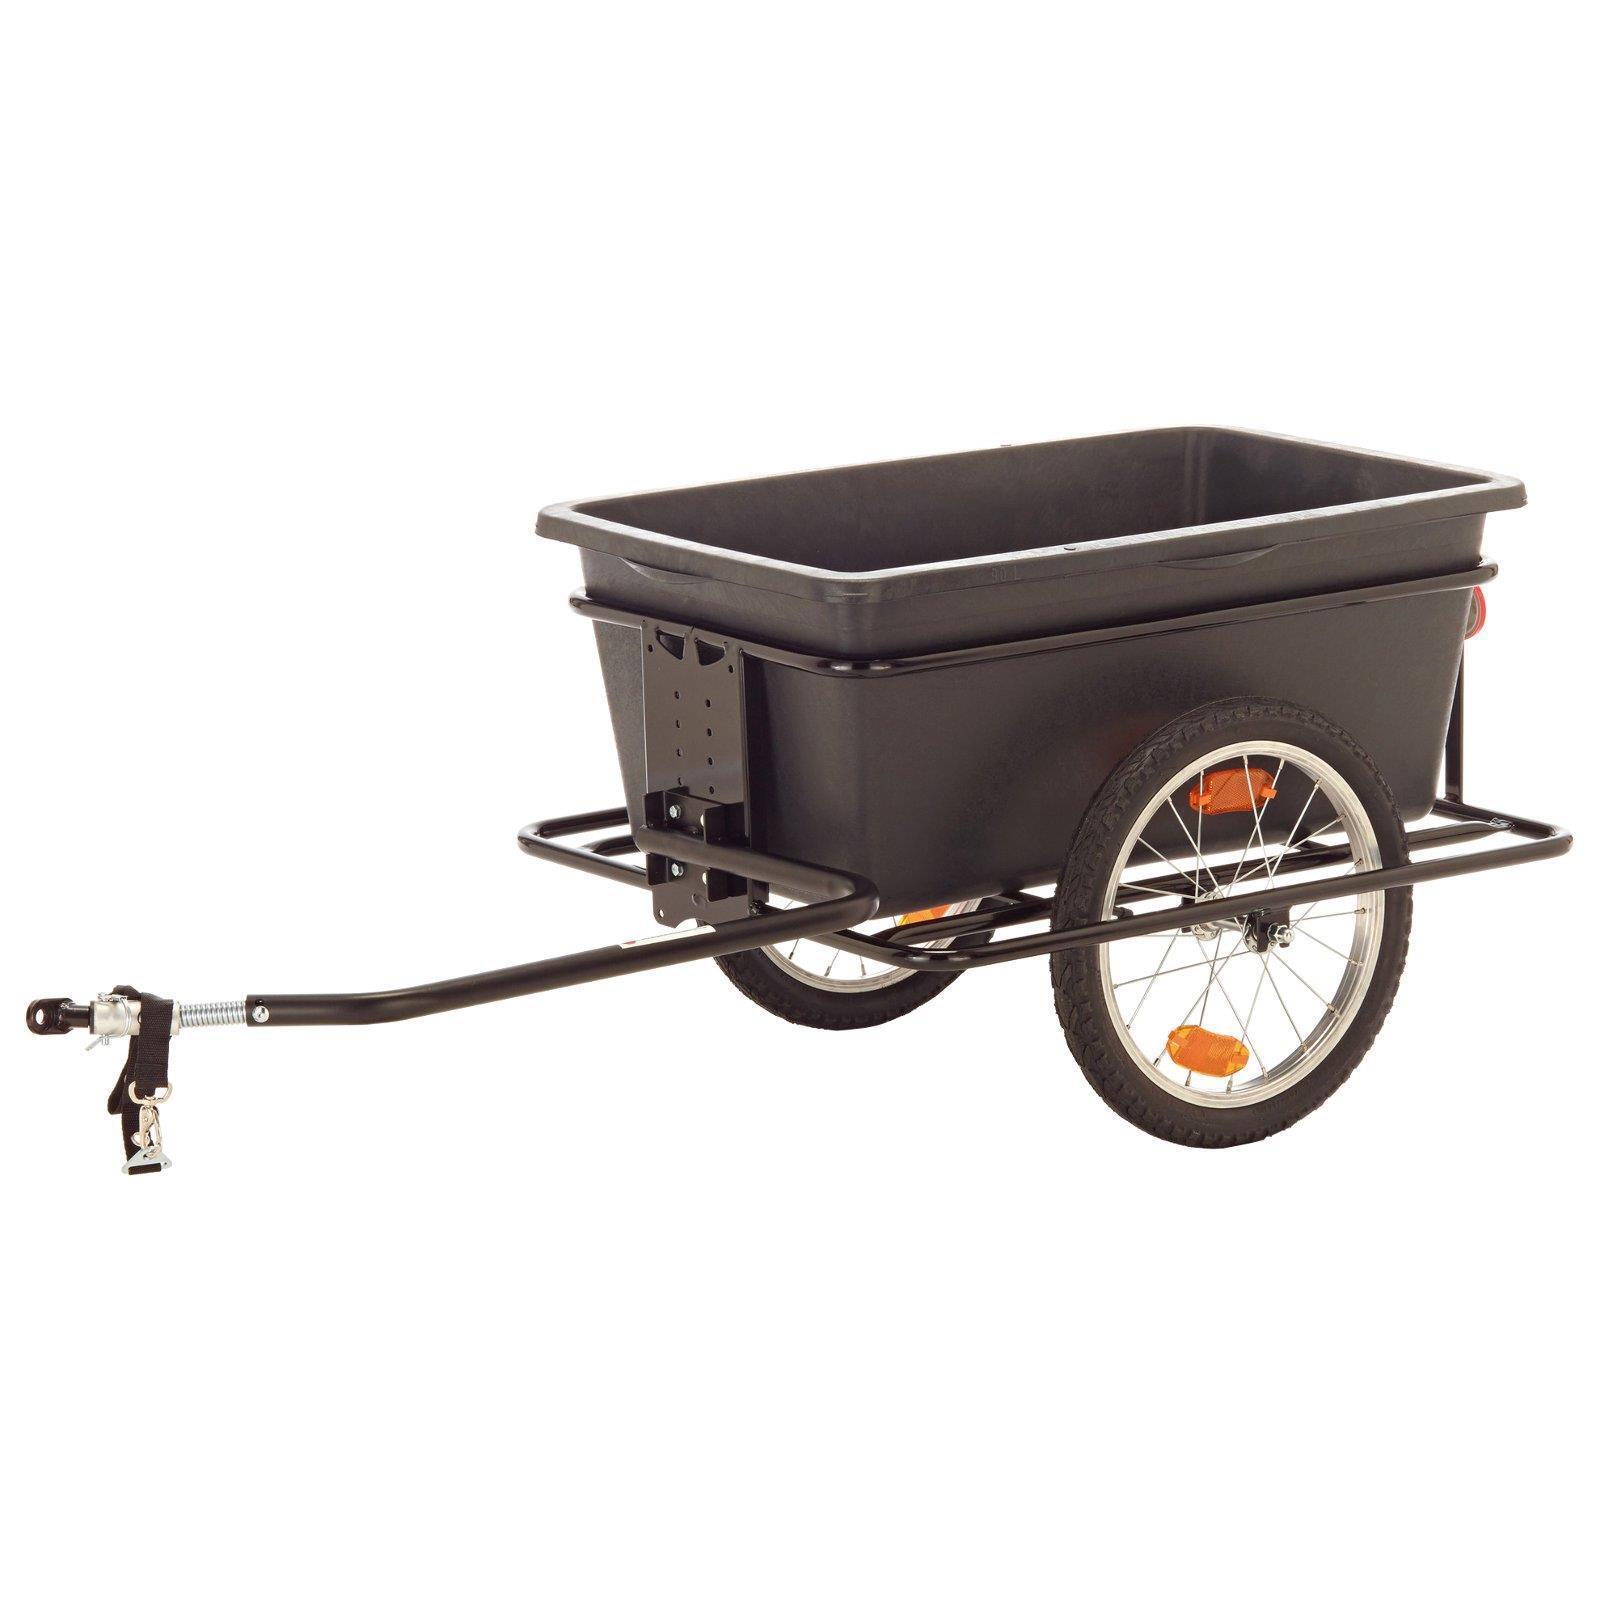 Roland Big Boy remolque de bicicleta Cochero de mano 90l + acoplamiento tiefdeichsel tipo C 16